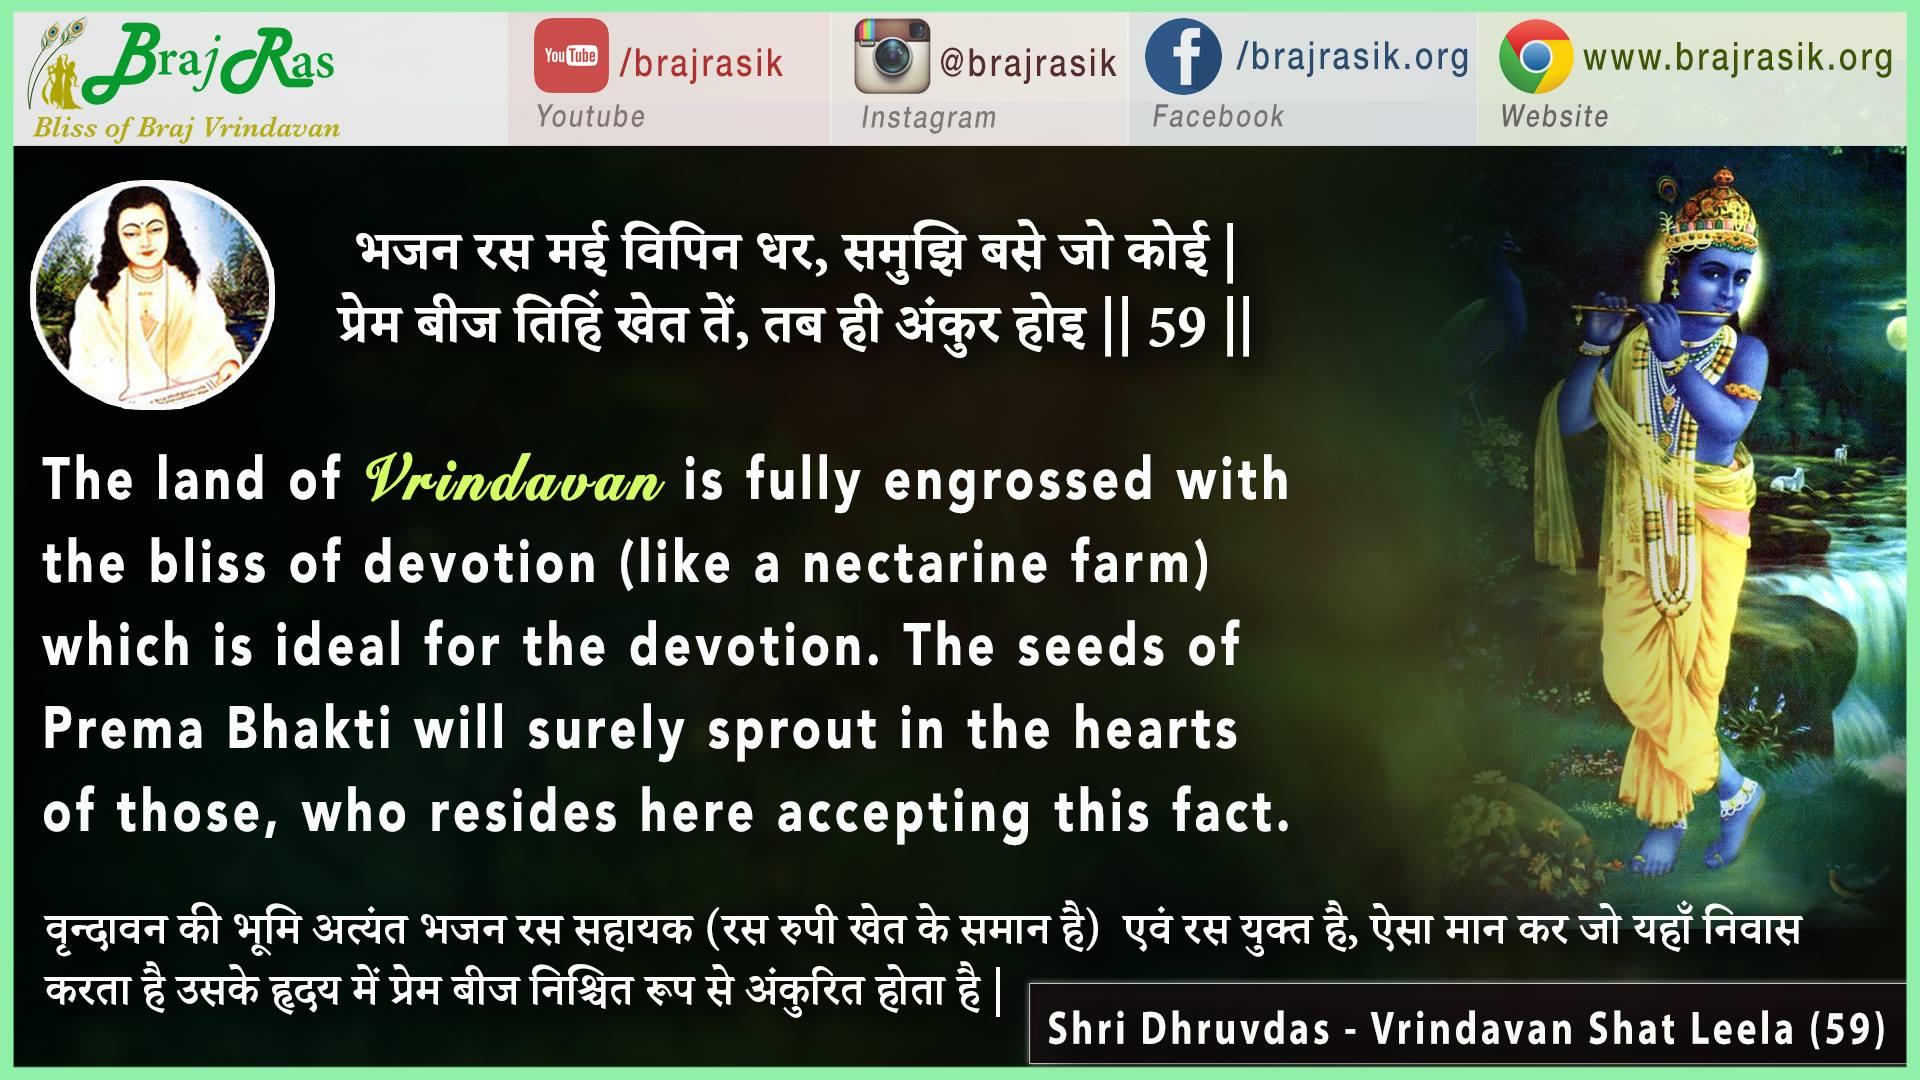 Bhajan Ras Mai Vipin Dhar - Shri Dhruvdas - Vrindavan Shat Leela (59)